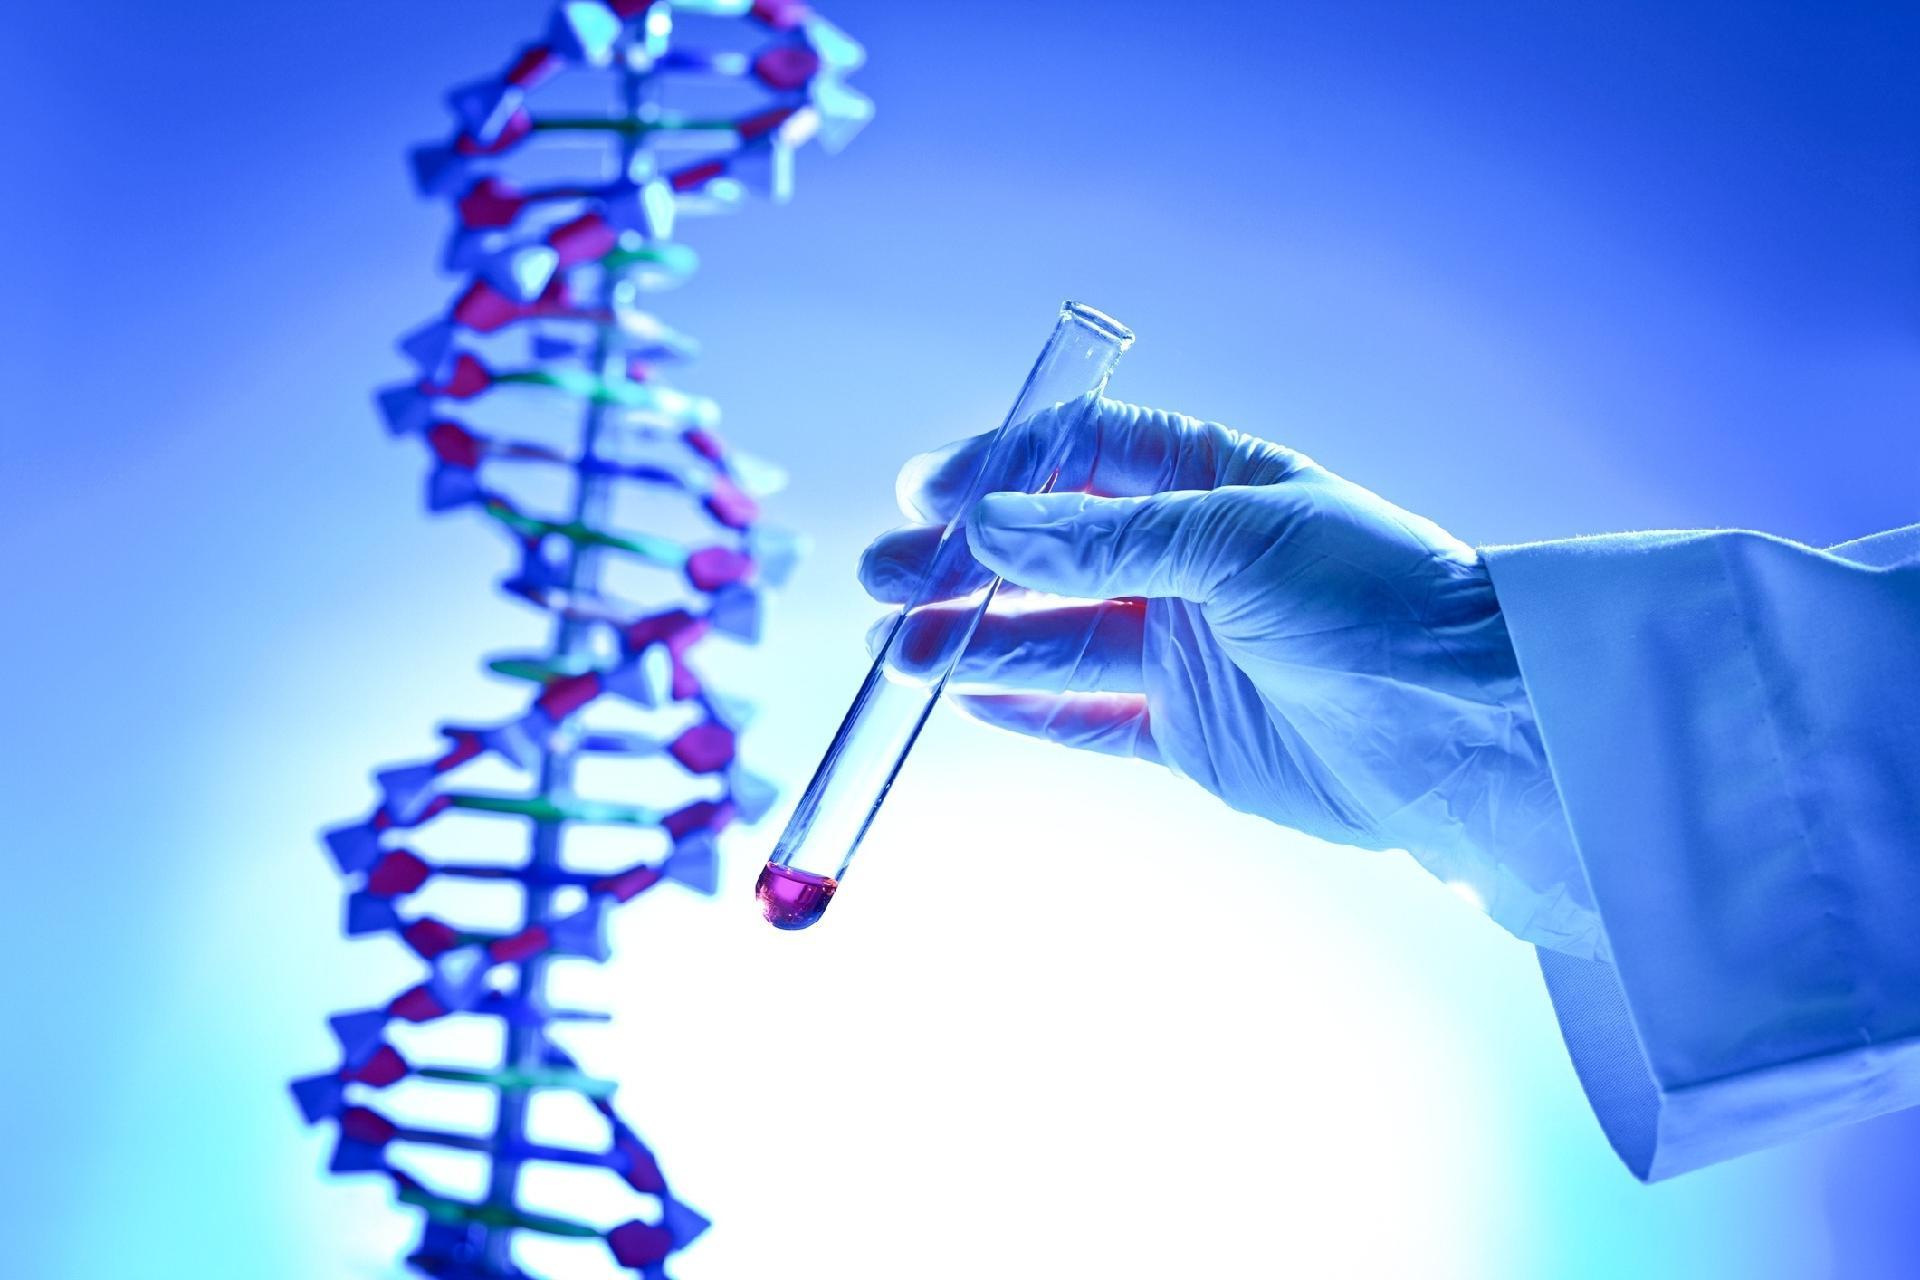 Quando vale a pena fazer teste genético para diagnosticar doenças? -  20/12/2018 - UOL VivaBem